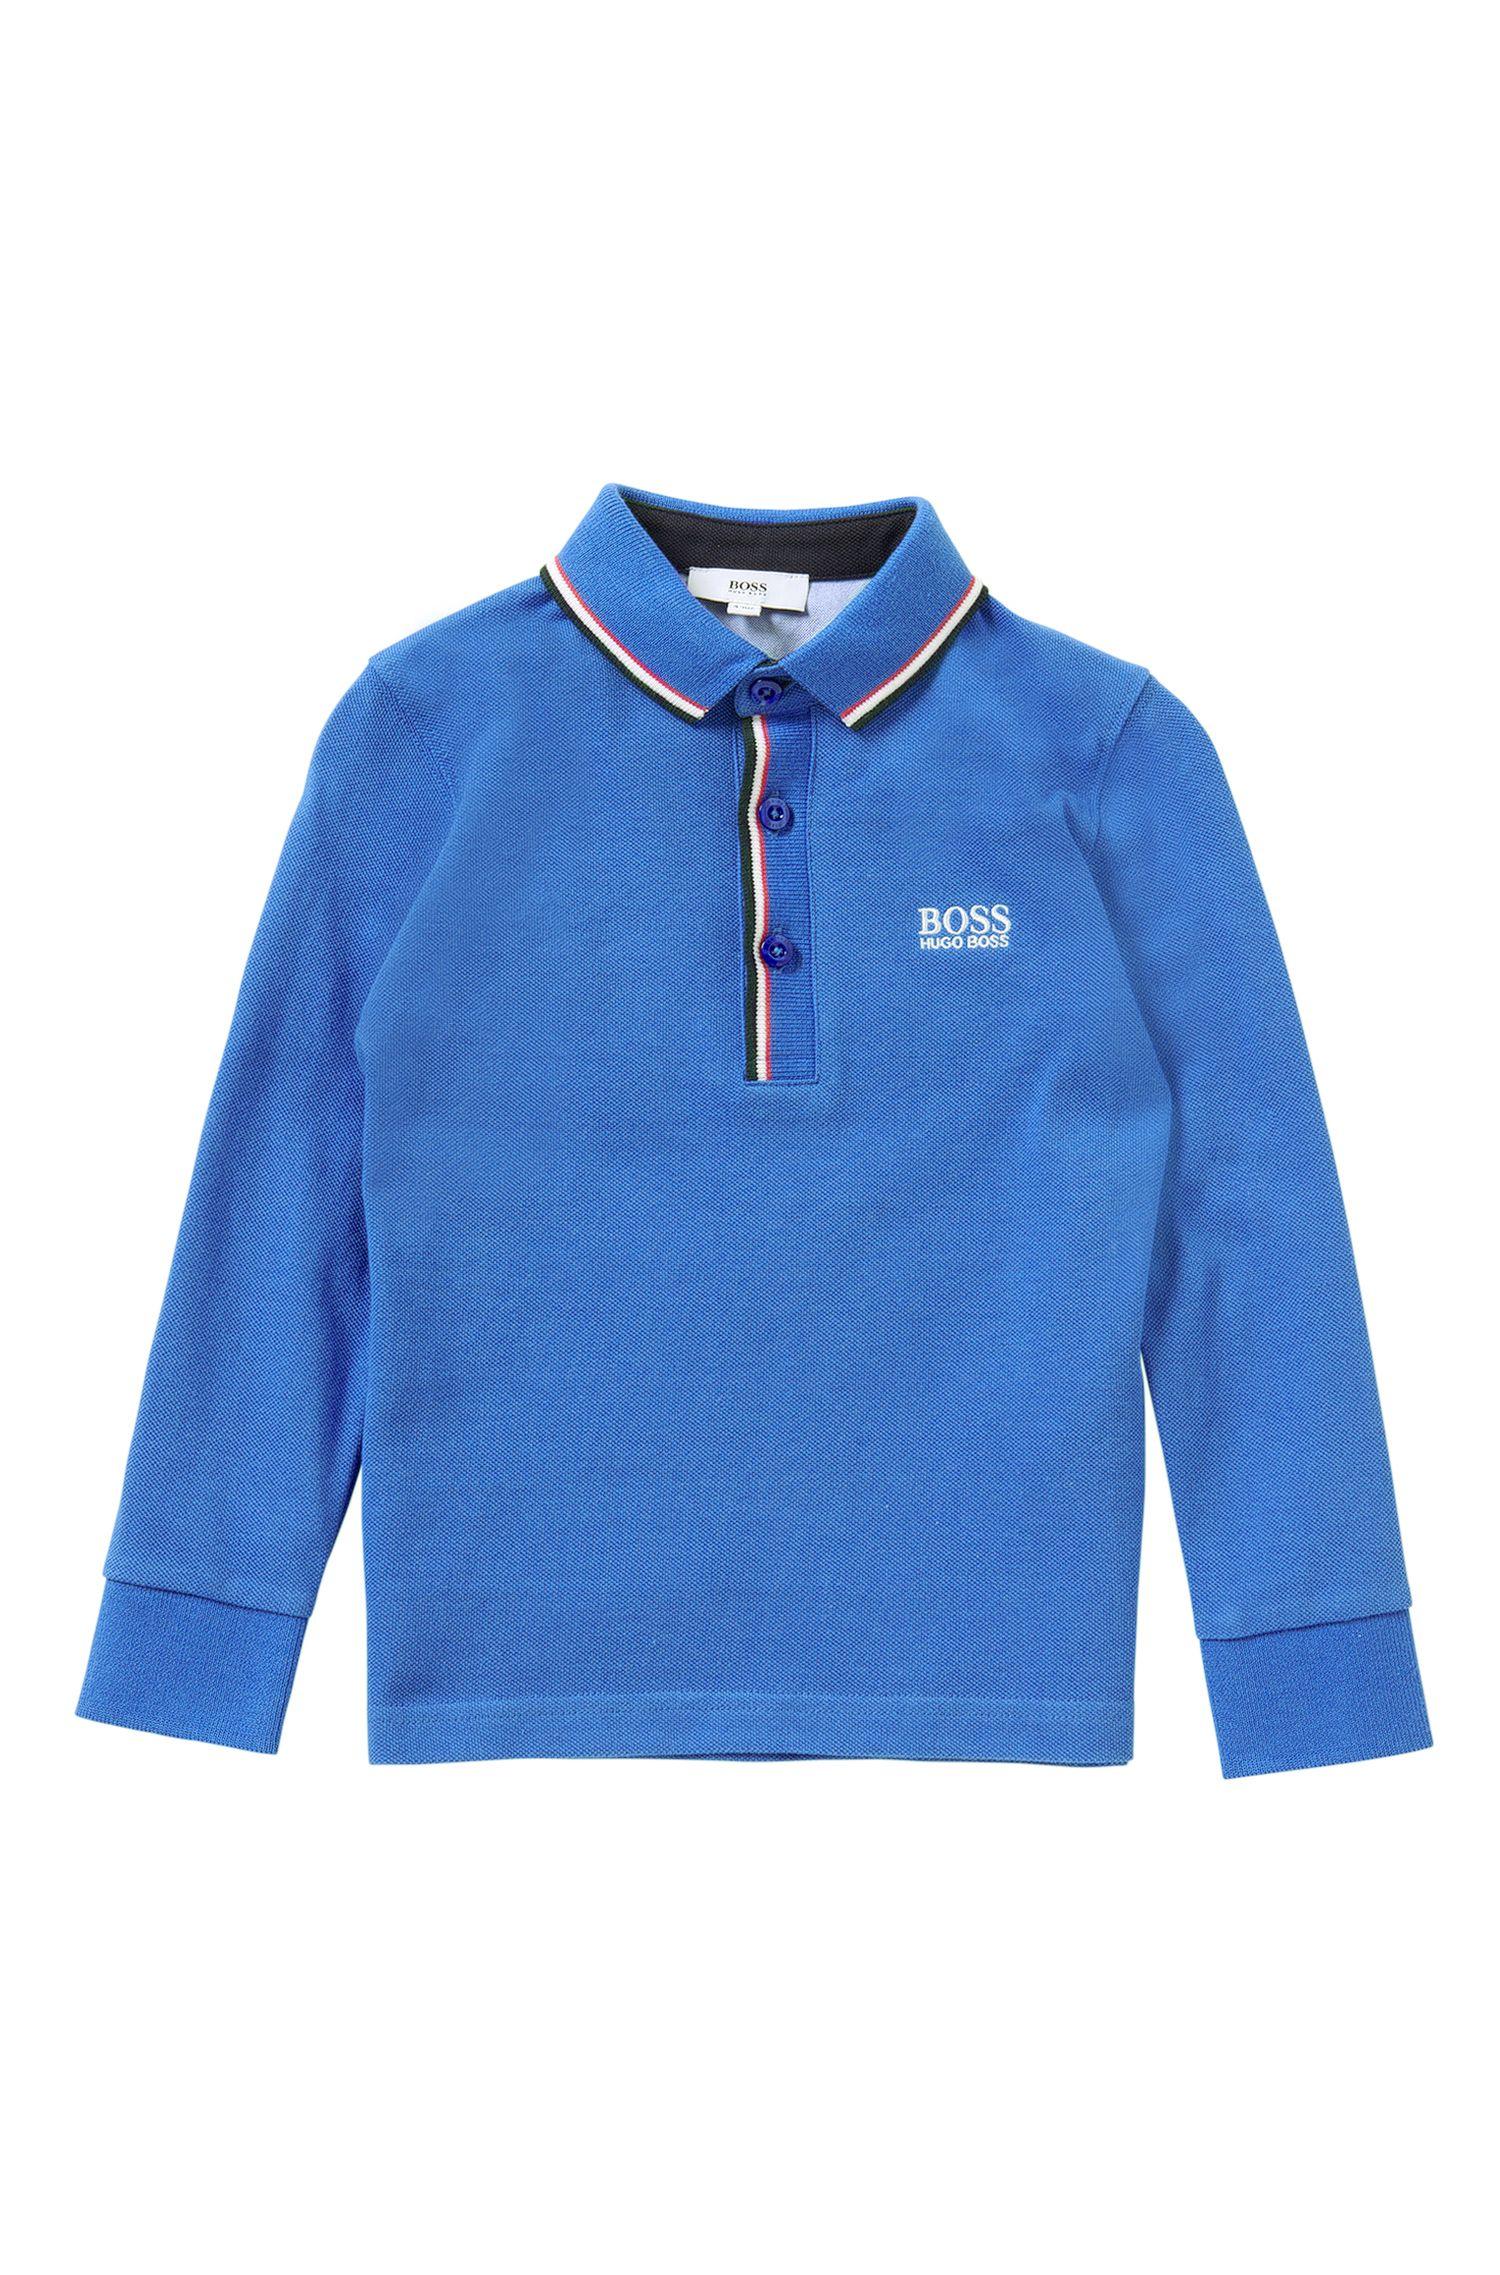 Unifarbenes Kids-Longsleeve-Poloshirt aus Baumwolle: 'J25925'